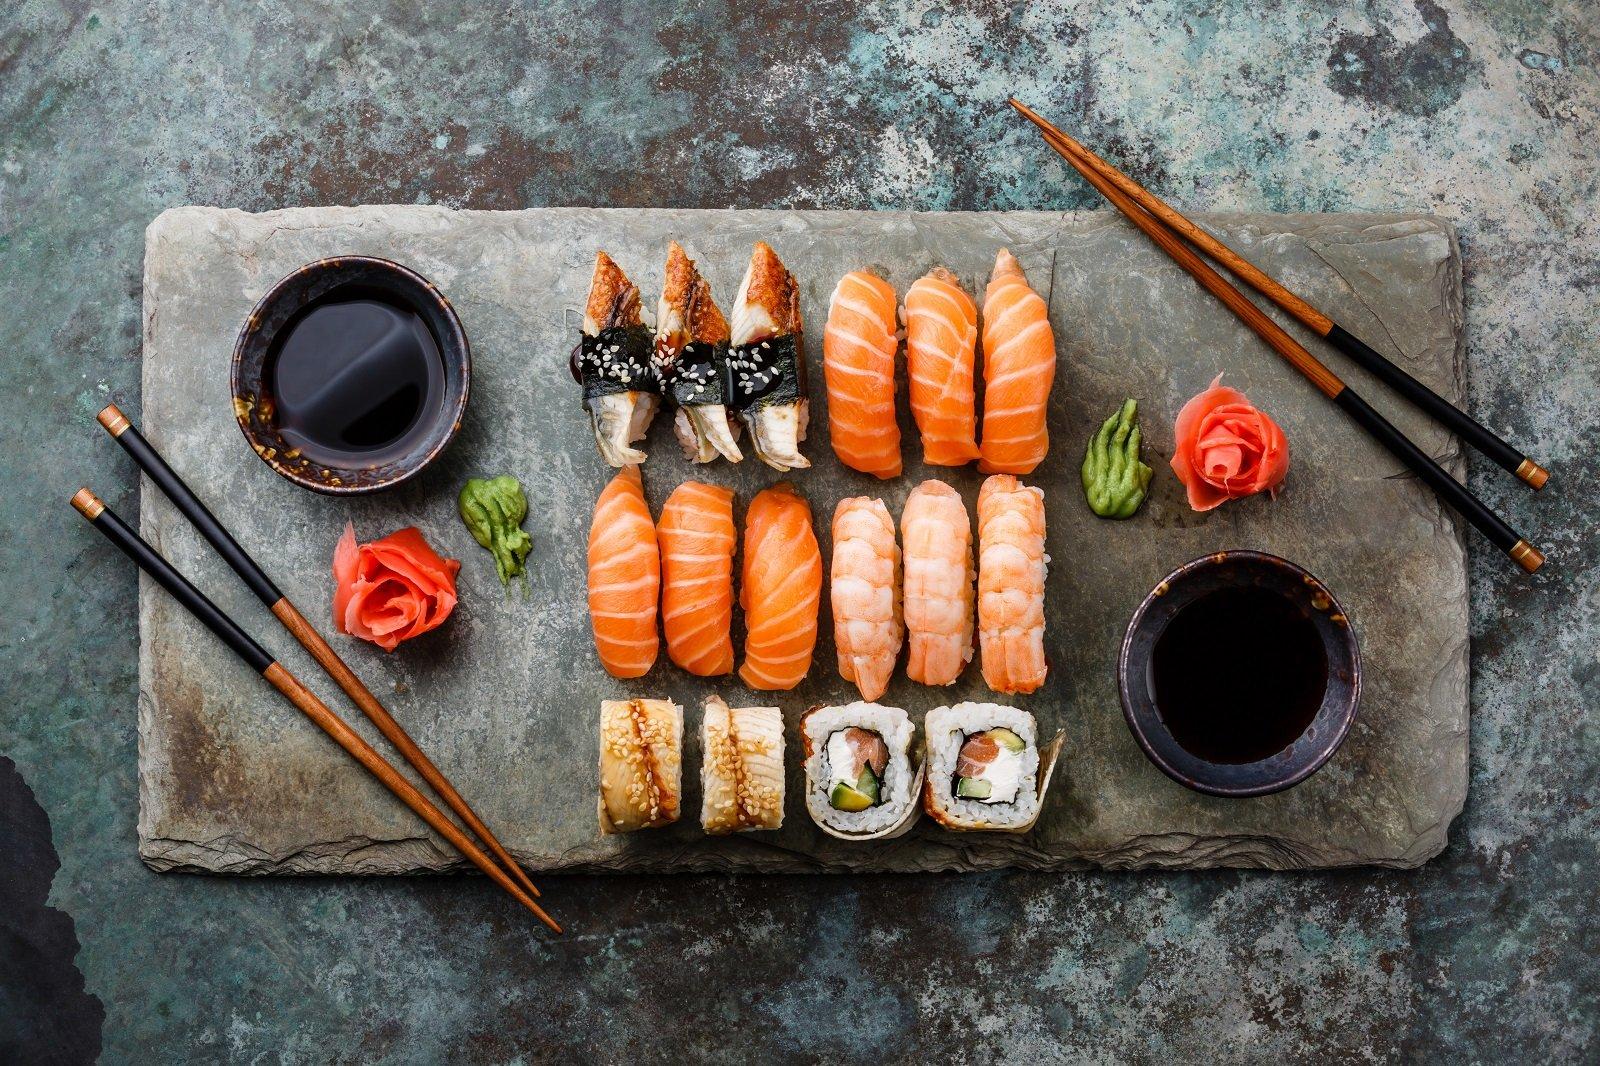 Kikko Sushi restaurant a Roncadelle Brescia